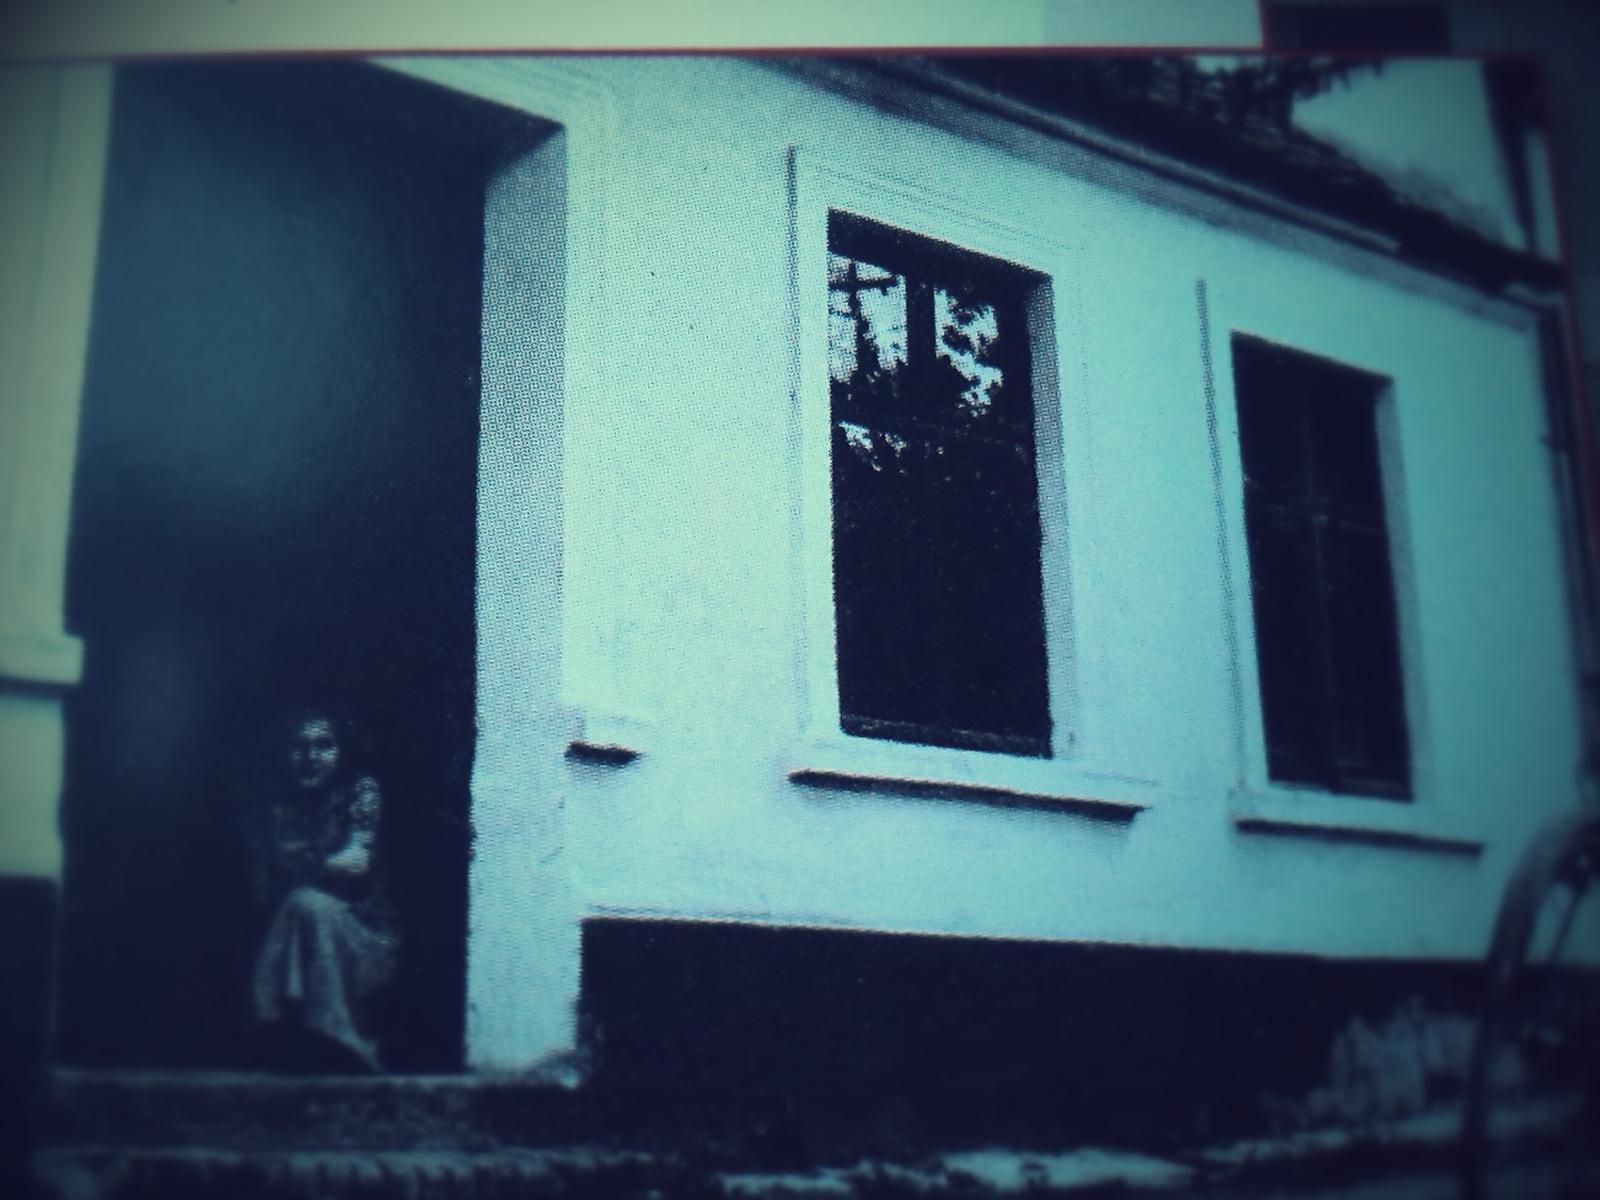 Náš druhý - už ne tak malý - domeček - Náš domeček kdysi dávno...